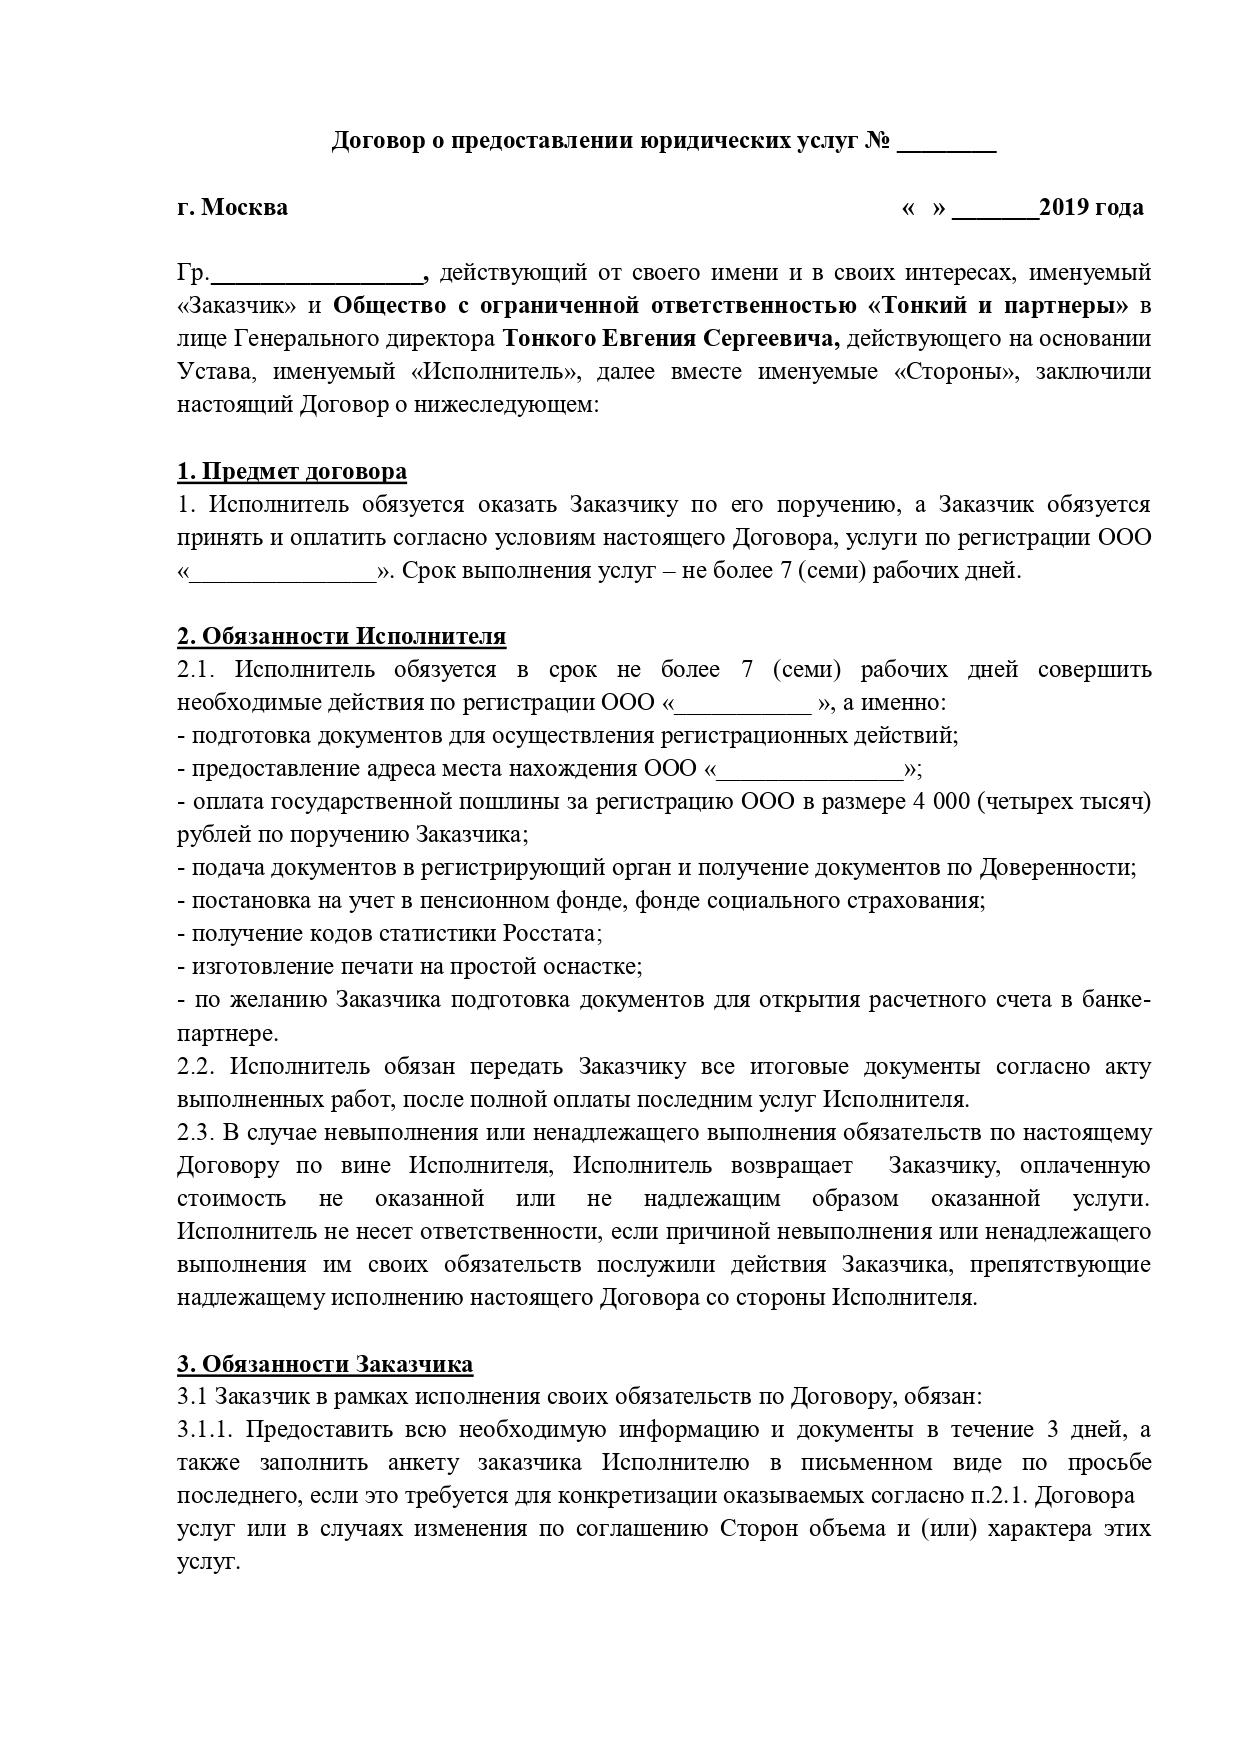 Доверенность при подаче документов на гос регистрацию ооо программа по декларации ндфл 2019